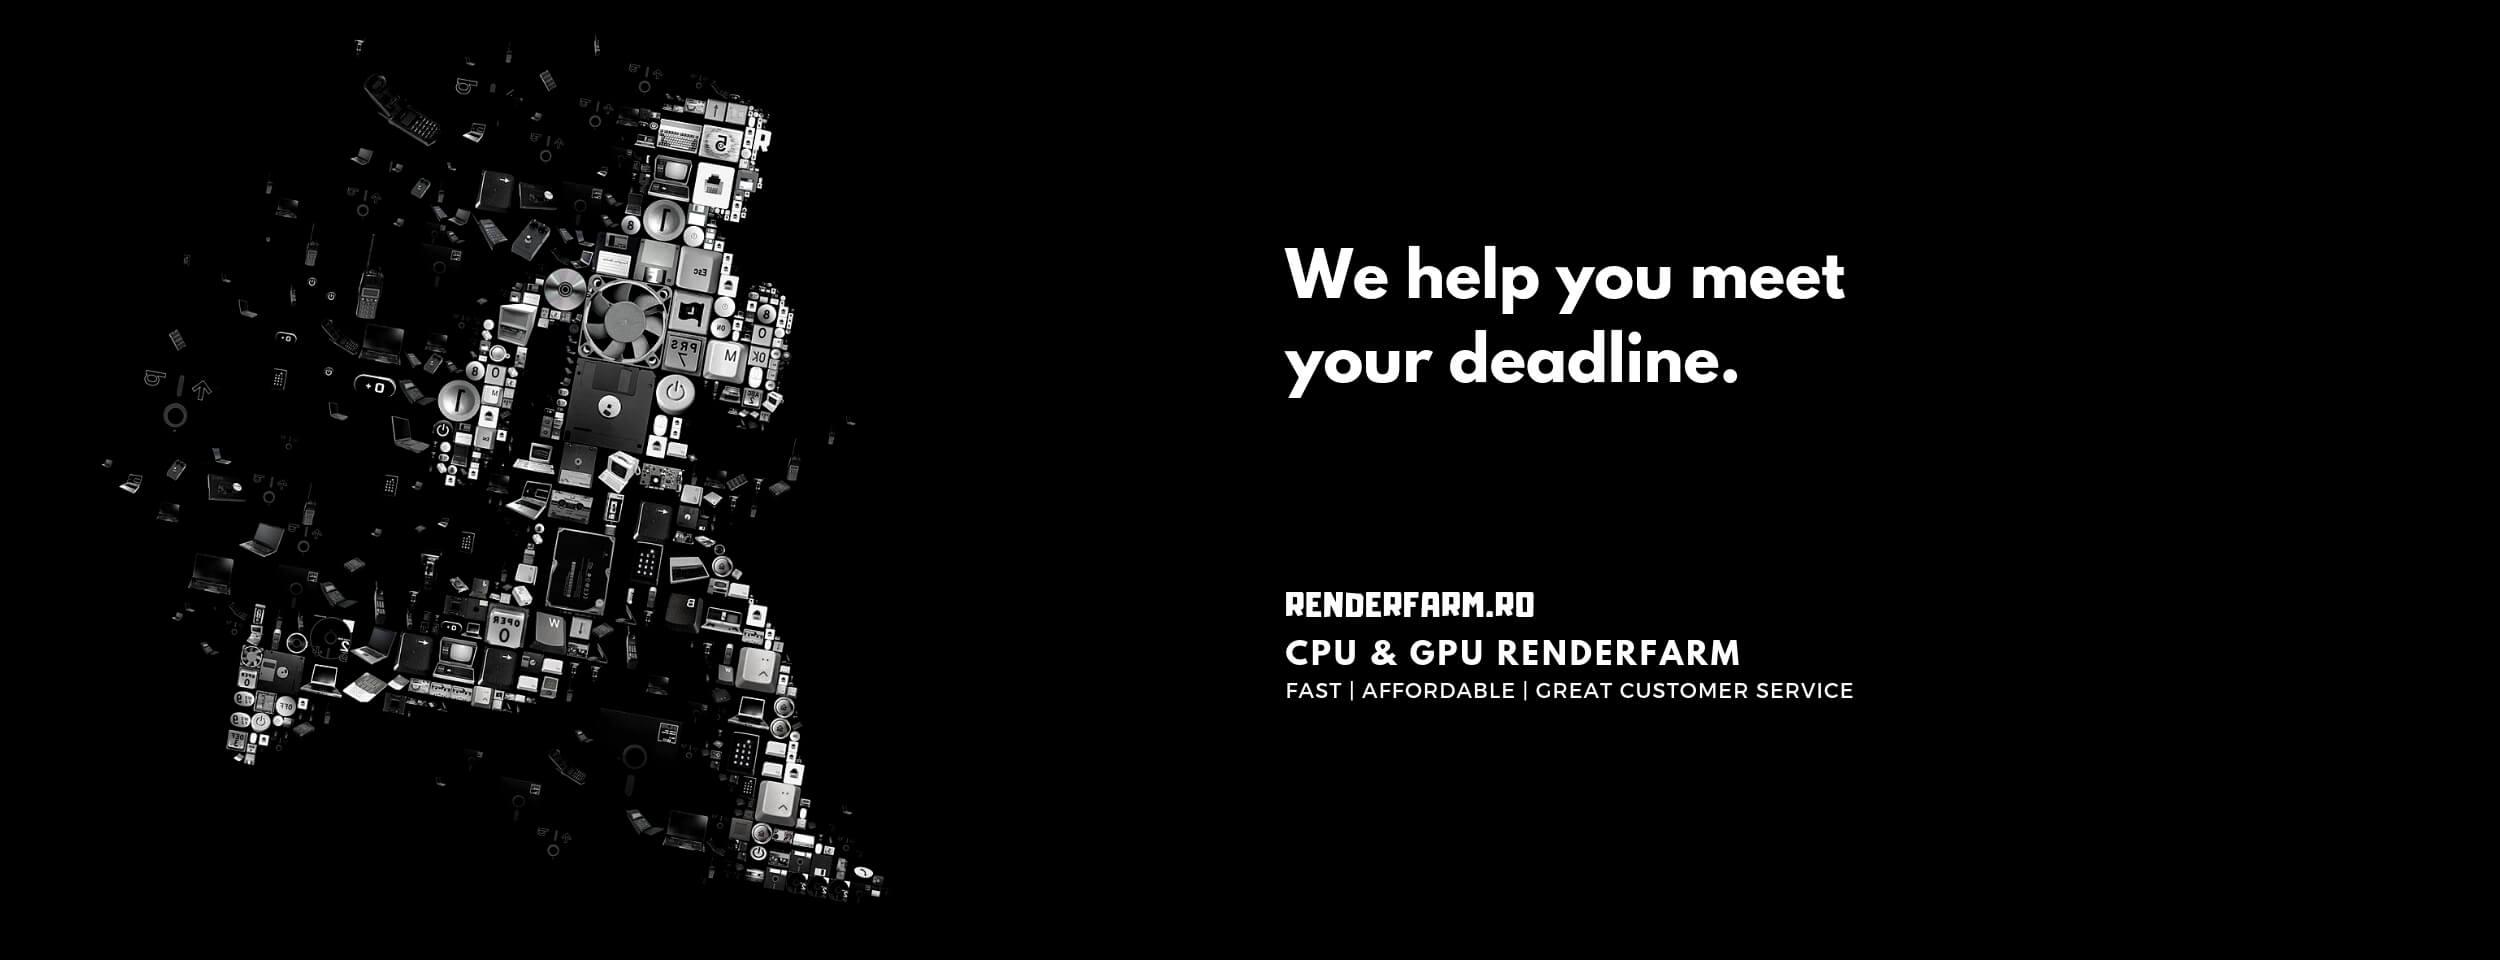 RENDERFARM_RO_Slide_Deadline